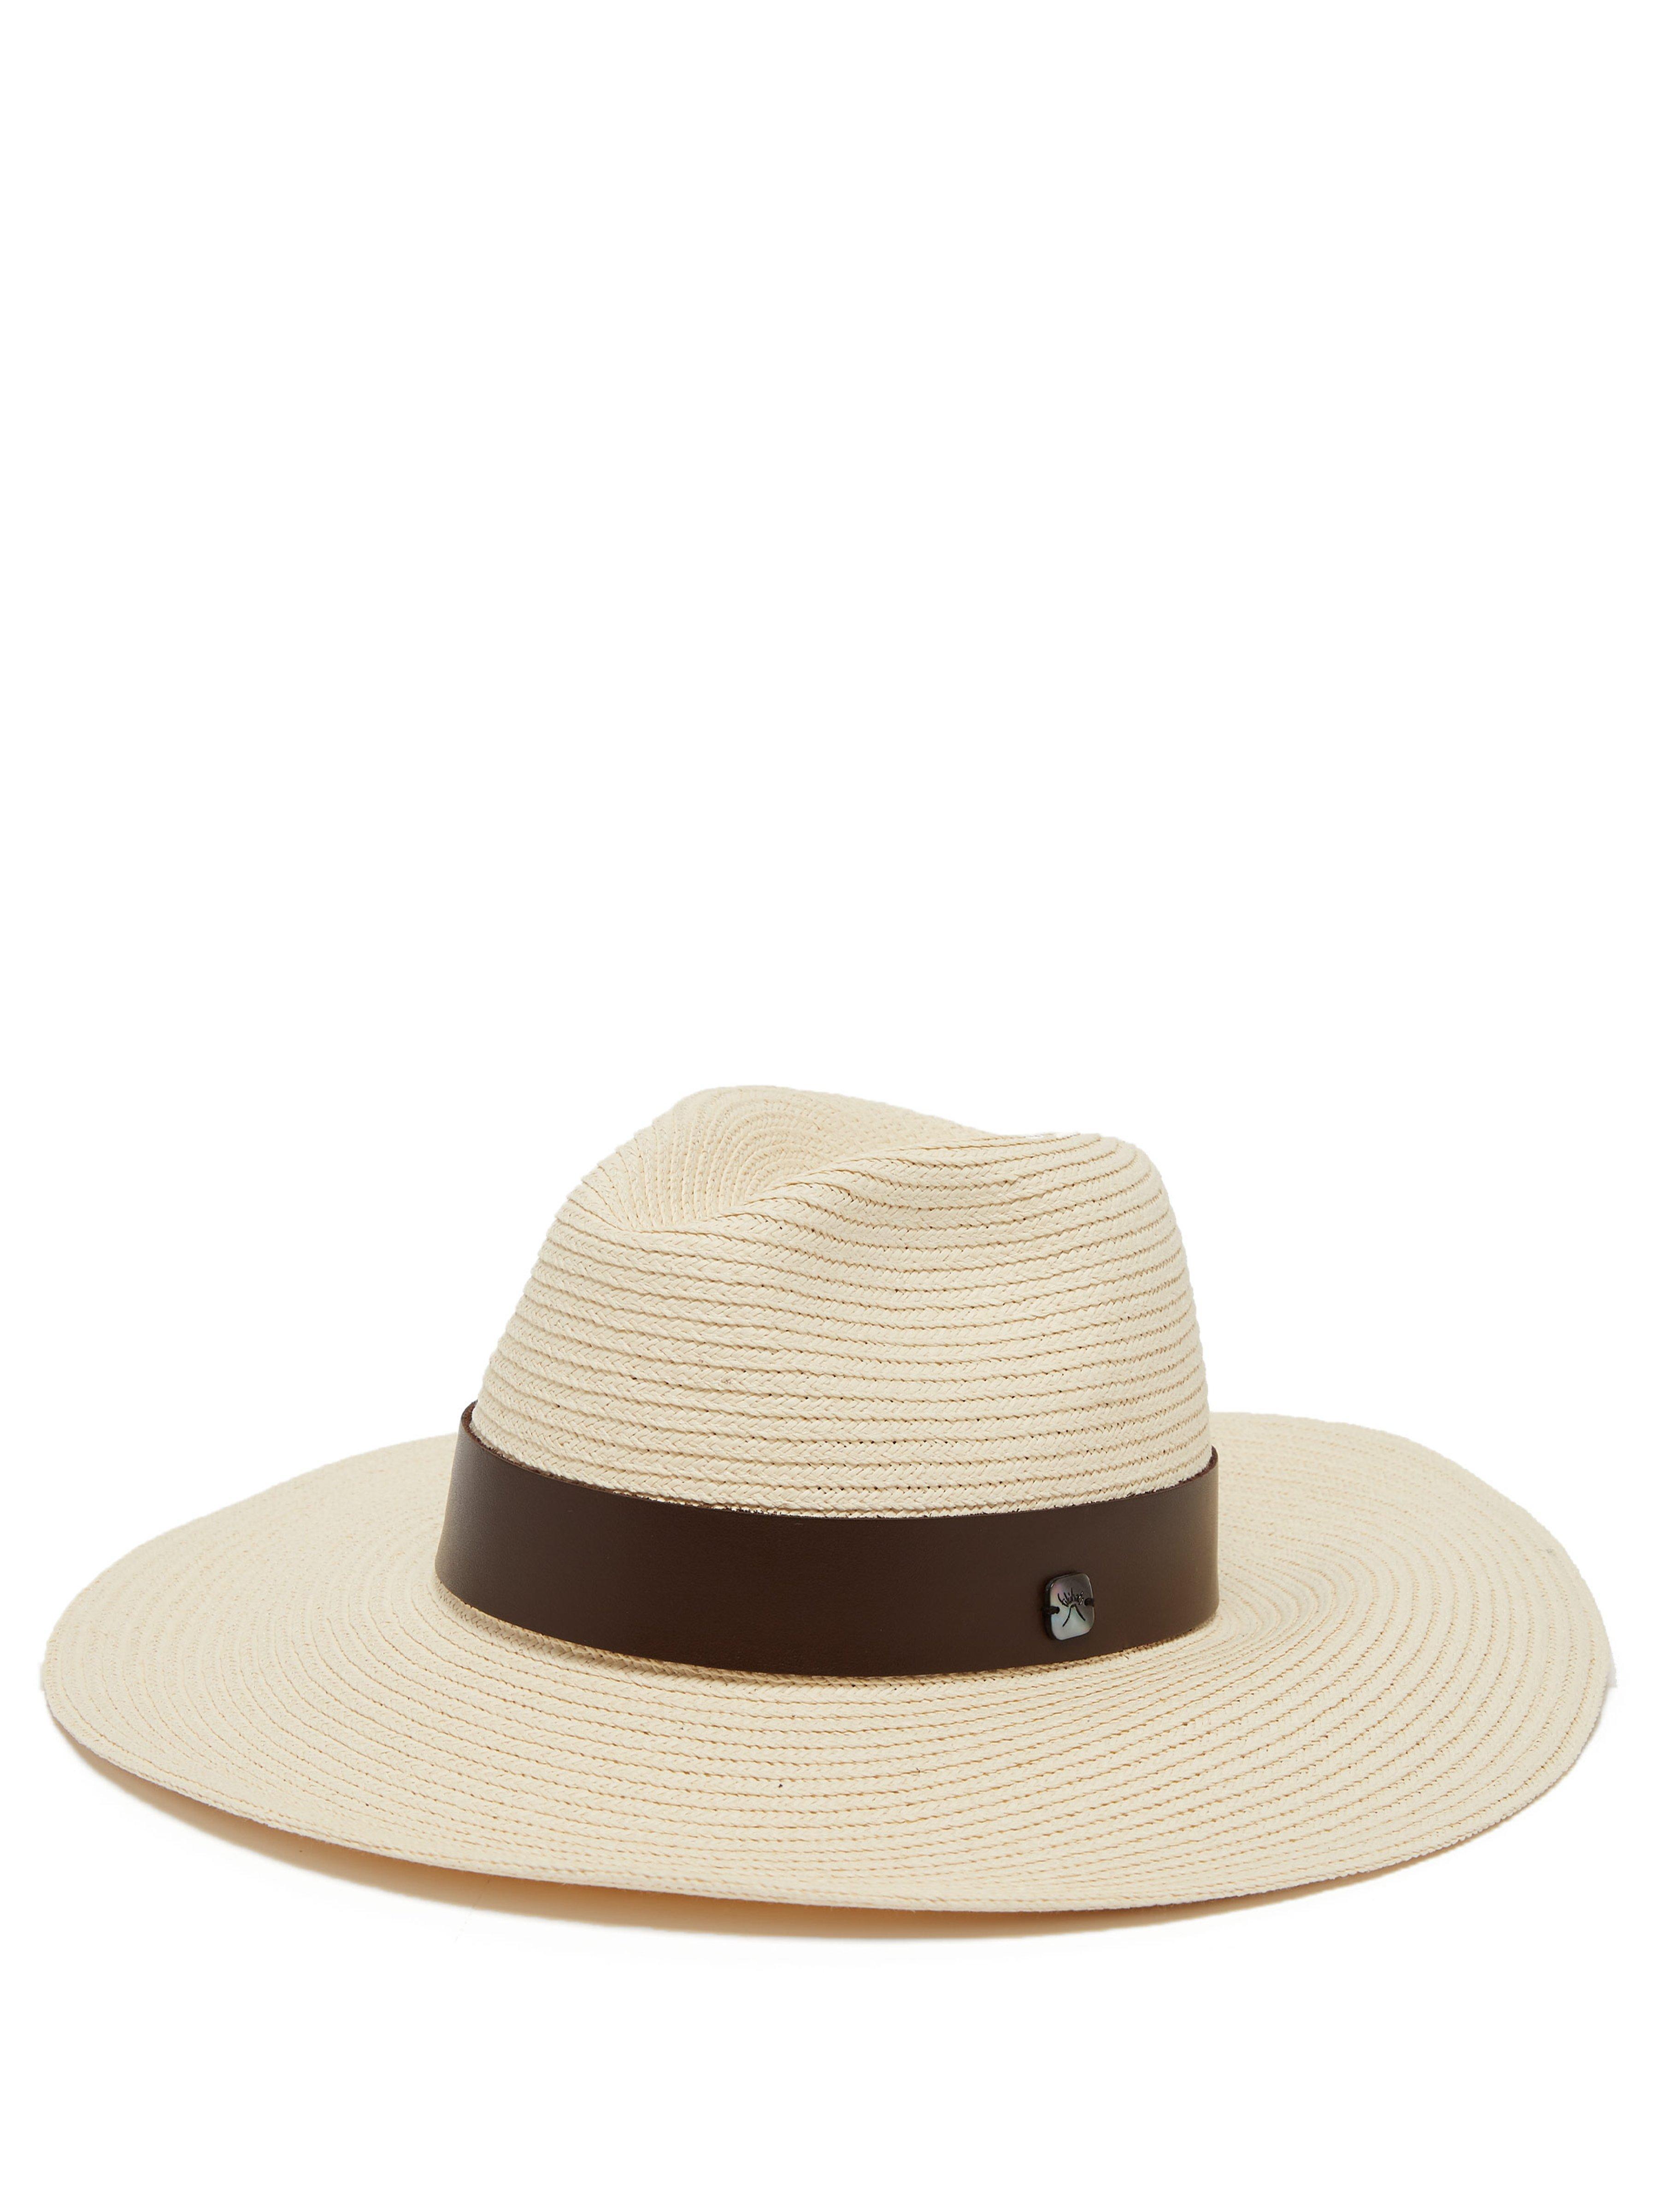 36cce0cc Filù Hats Batu Tara Bianca Papier Panama Hat in Natural - Lyst